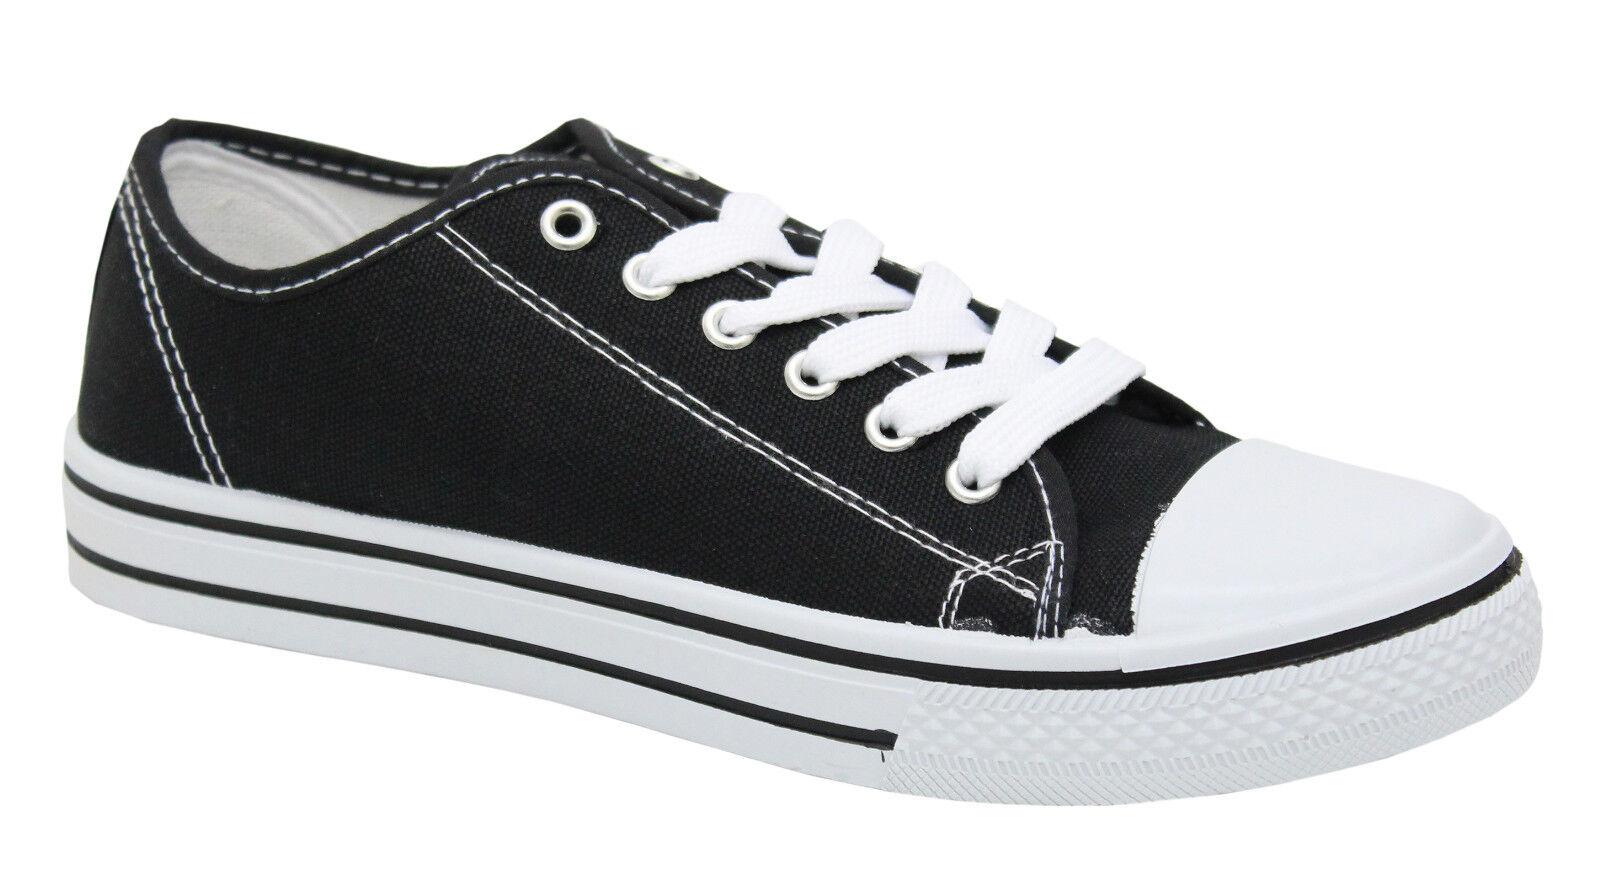 Piatti di Donna da Donna in Tela con Lacci Scarpe da Ginnastica Scarpe Sneakers Trainer Pompe Misura, Grigio (Dark Grey),